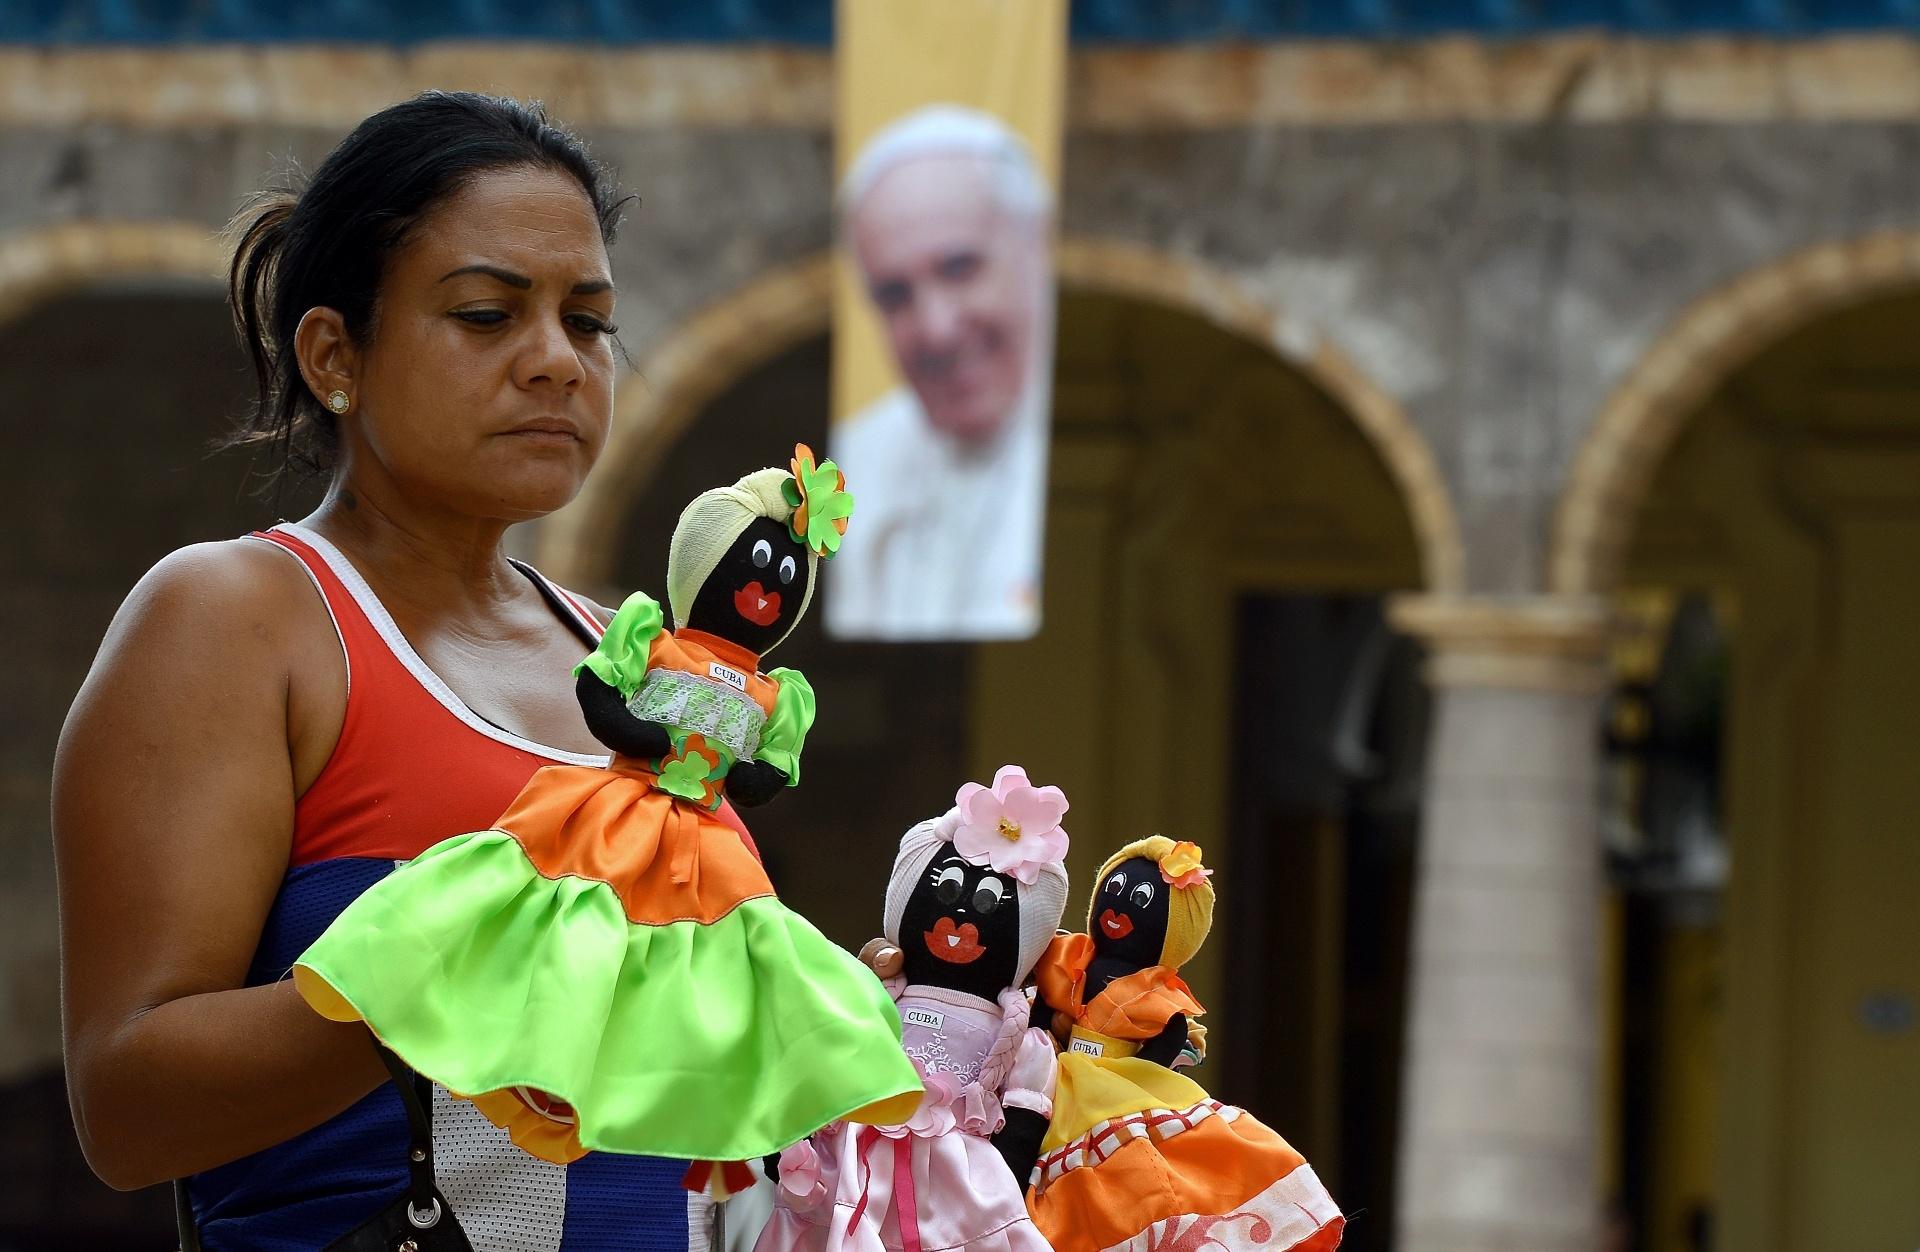 17.set.2015 - Vendedora ambulante comercializa bonecas próxima a um pôster com a imagem do papa Francico na praça da Catedral de Havana, em Cuba. O papa Francisco começará no próximo sábado (19) sua 10ª viagem internacional, um périplo que o levará a Cuba e aos Estados Unidos durante nove dias, nos quais fará 26 discursos